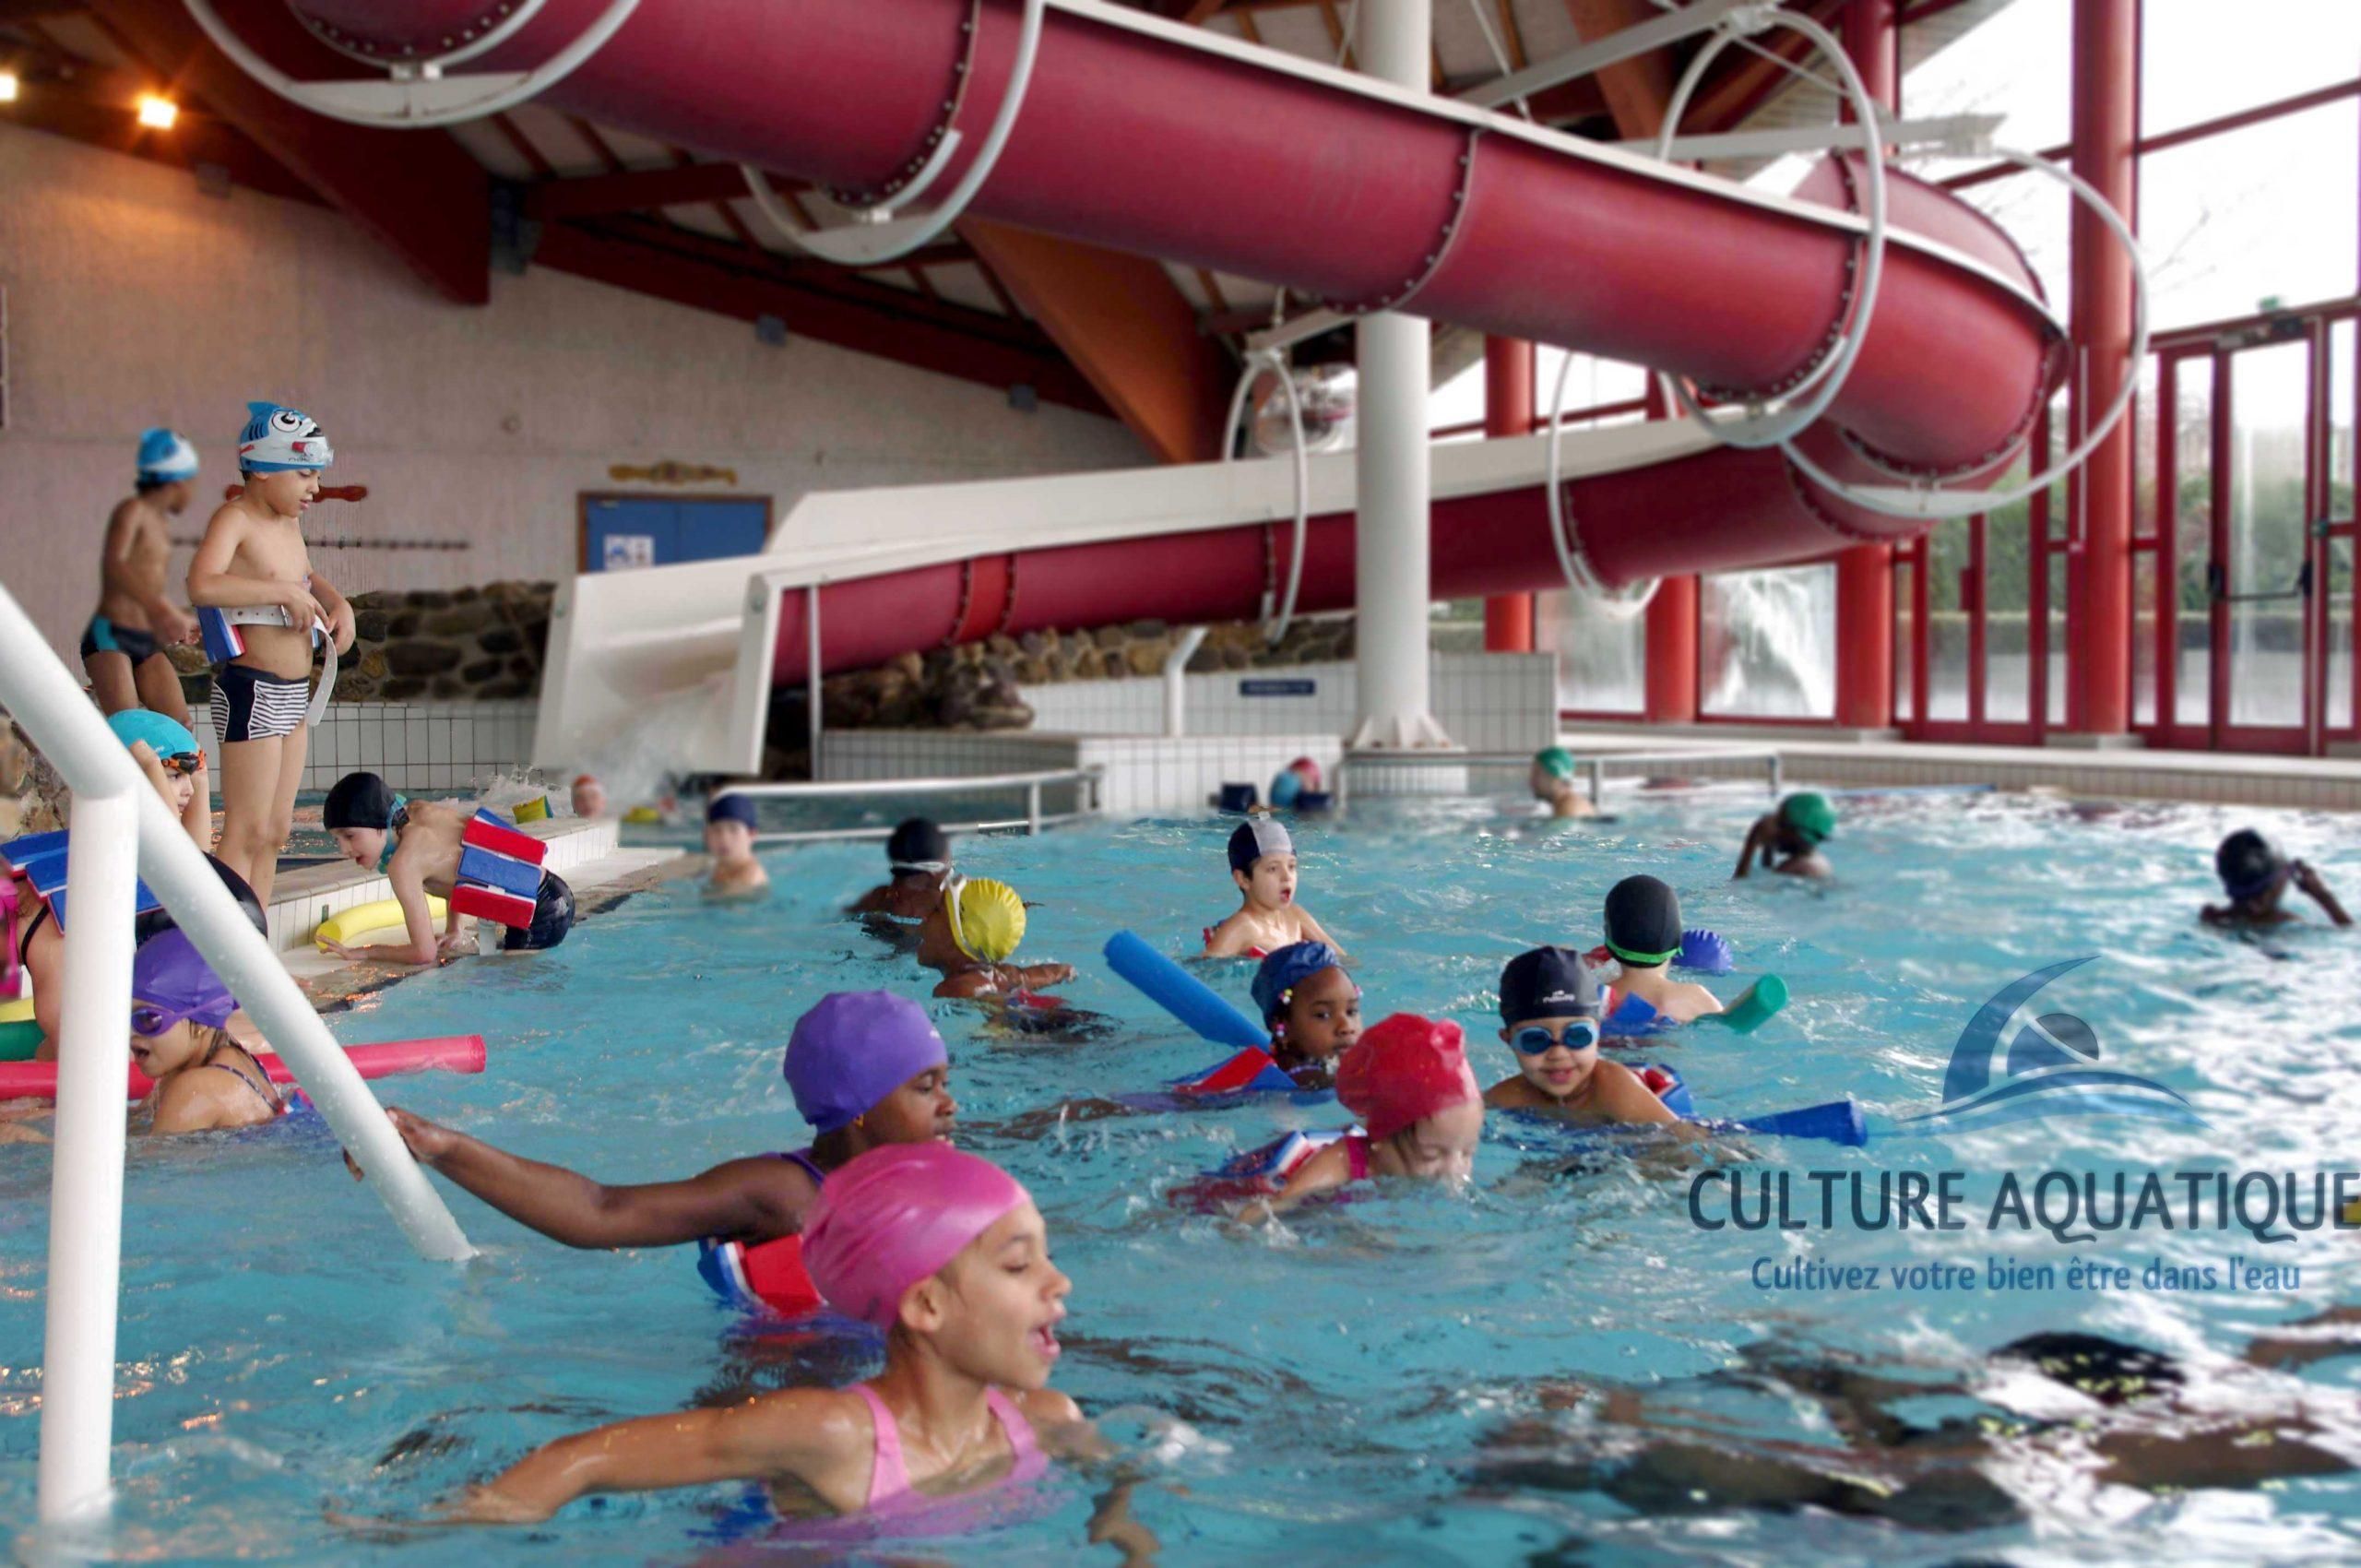 Centre Nautique Jacques Brel À Bobigny Culture Aquatique ... concernant Piscine De Bobigny